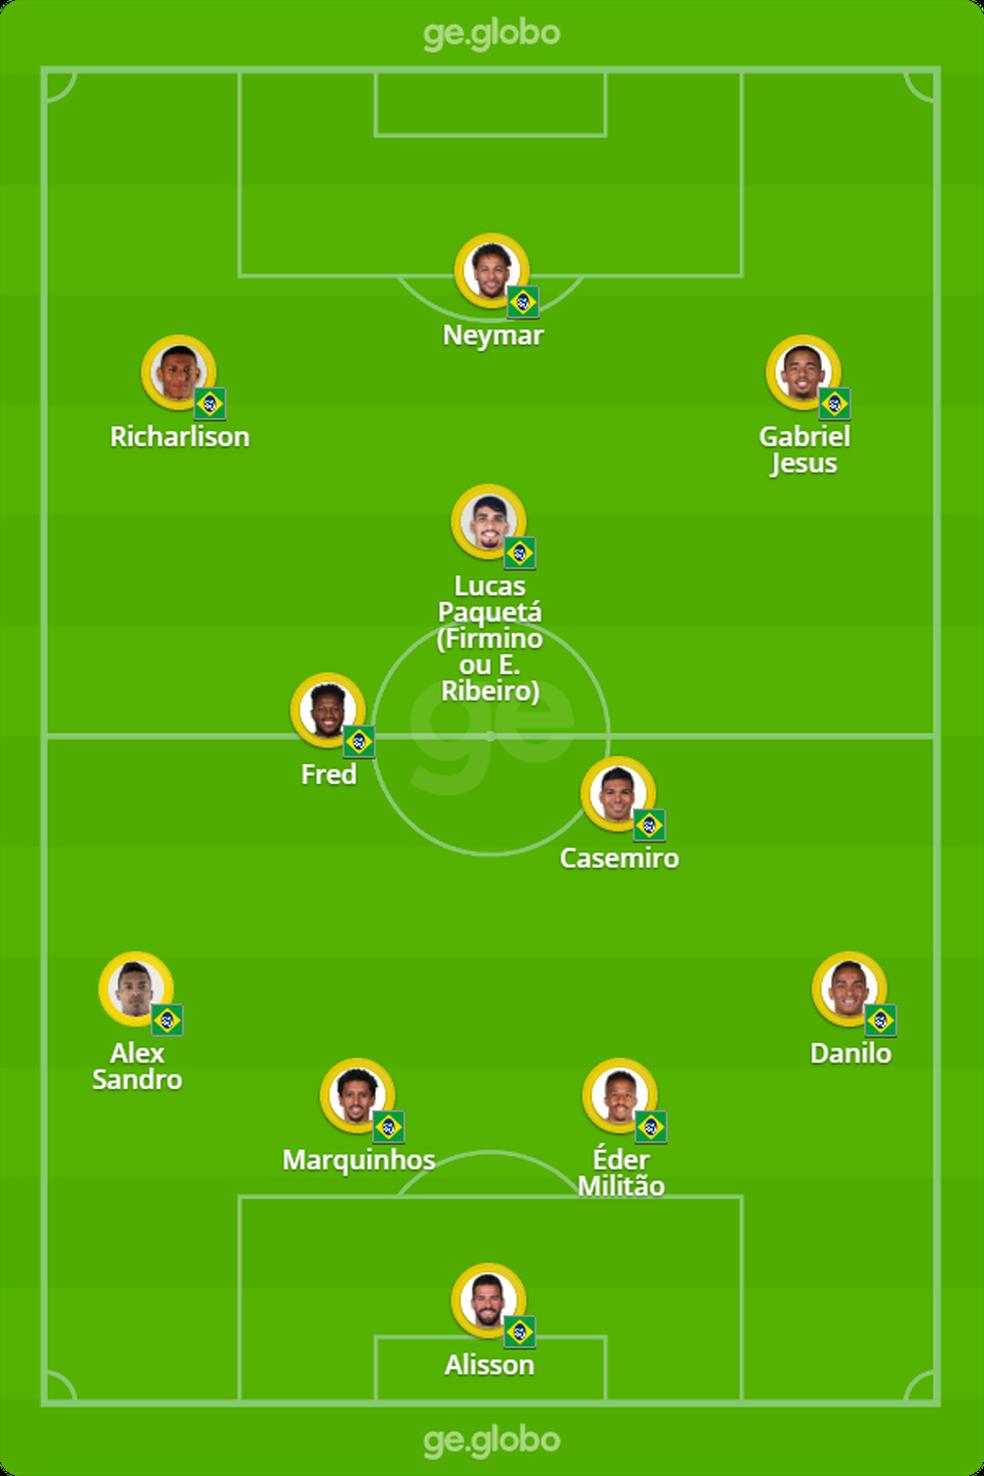 Provável escalação da seleção brasileira para enfrentar o Paraguai — Foto: ge